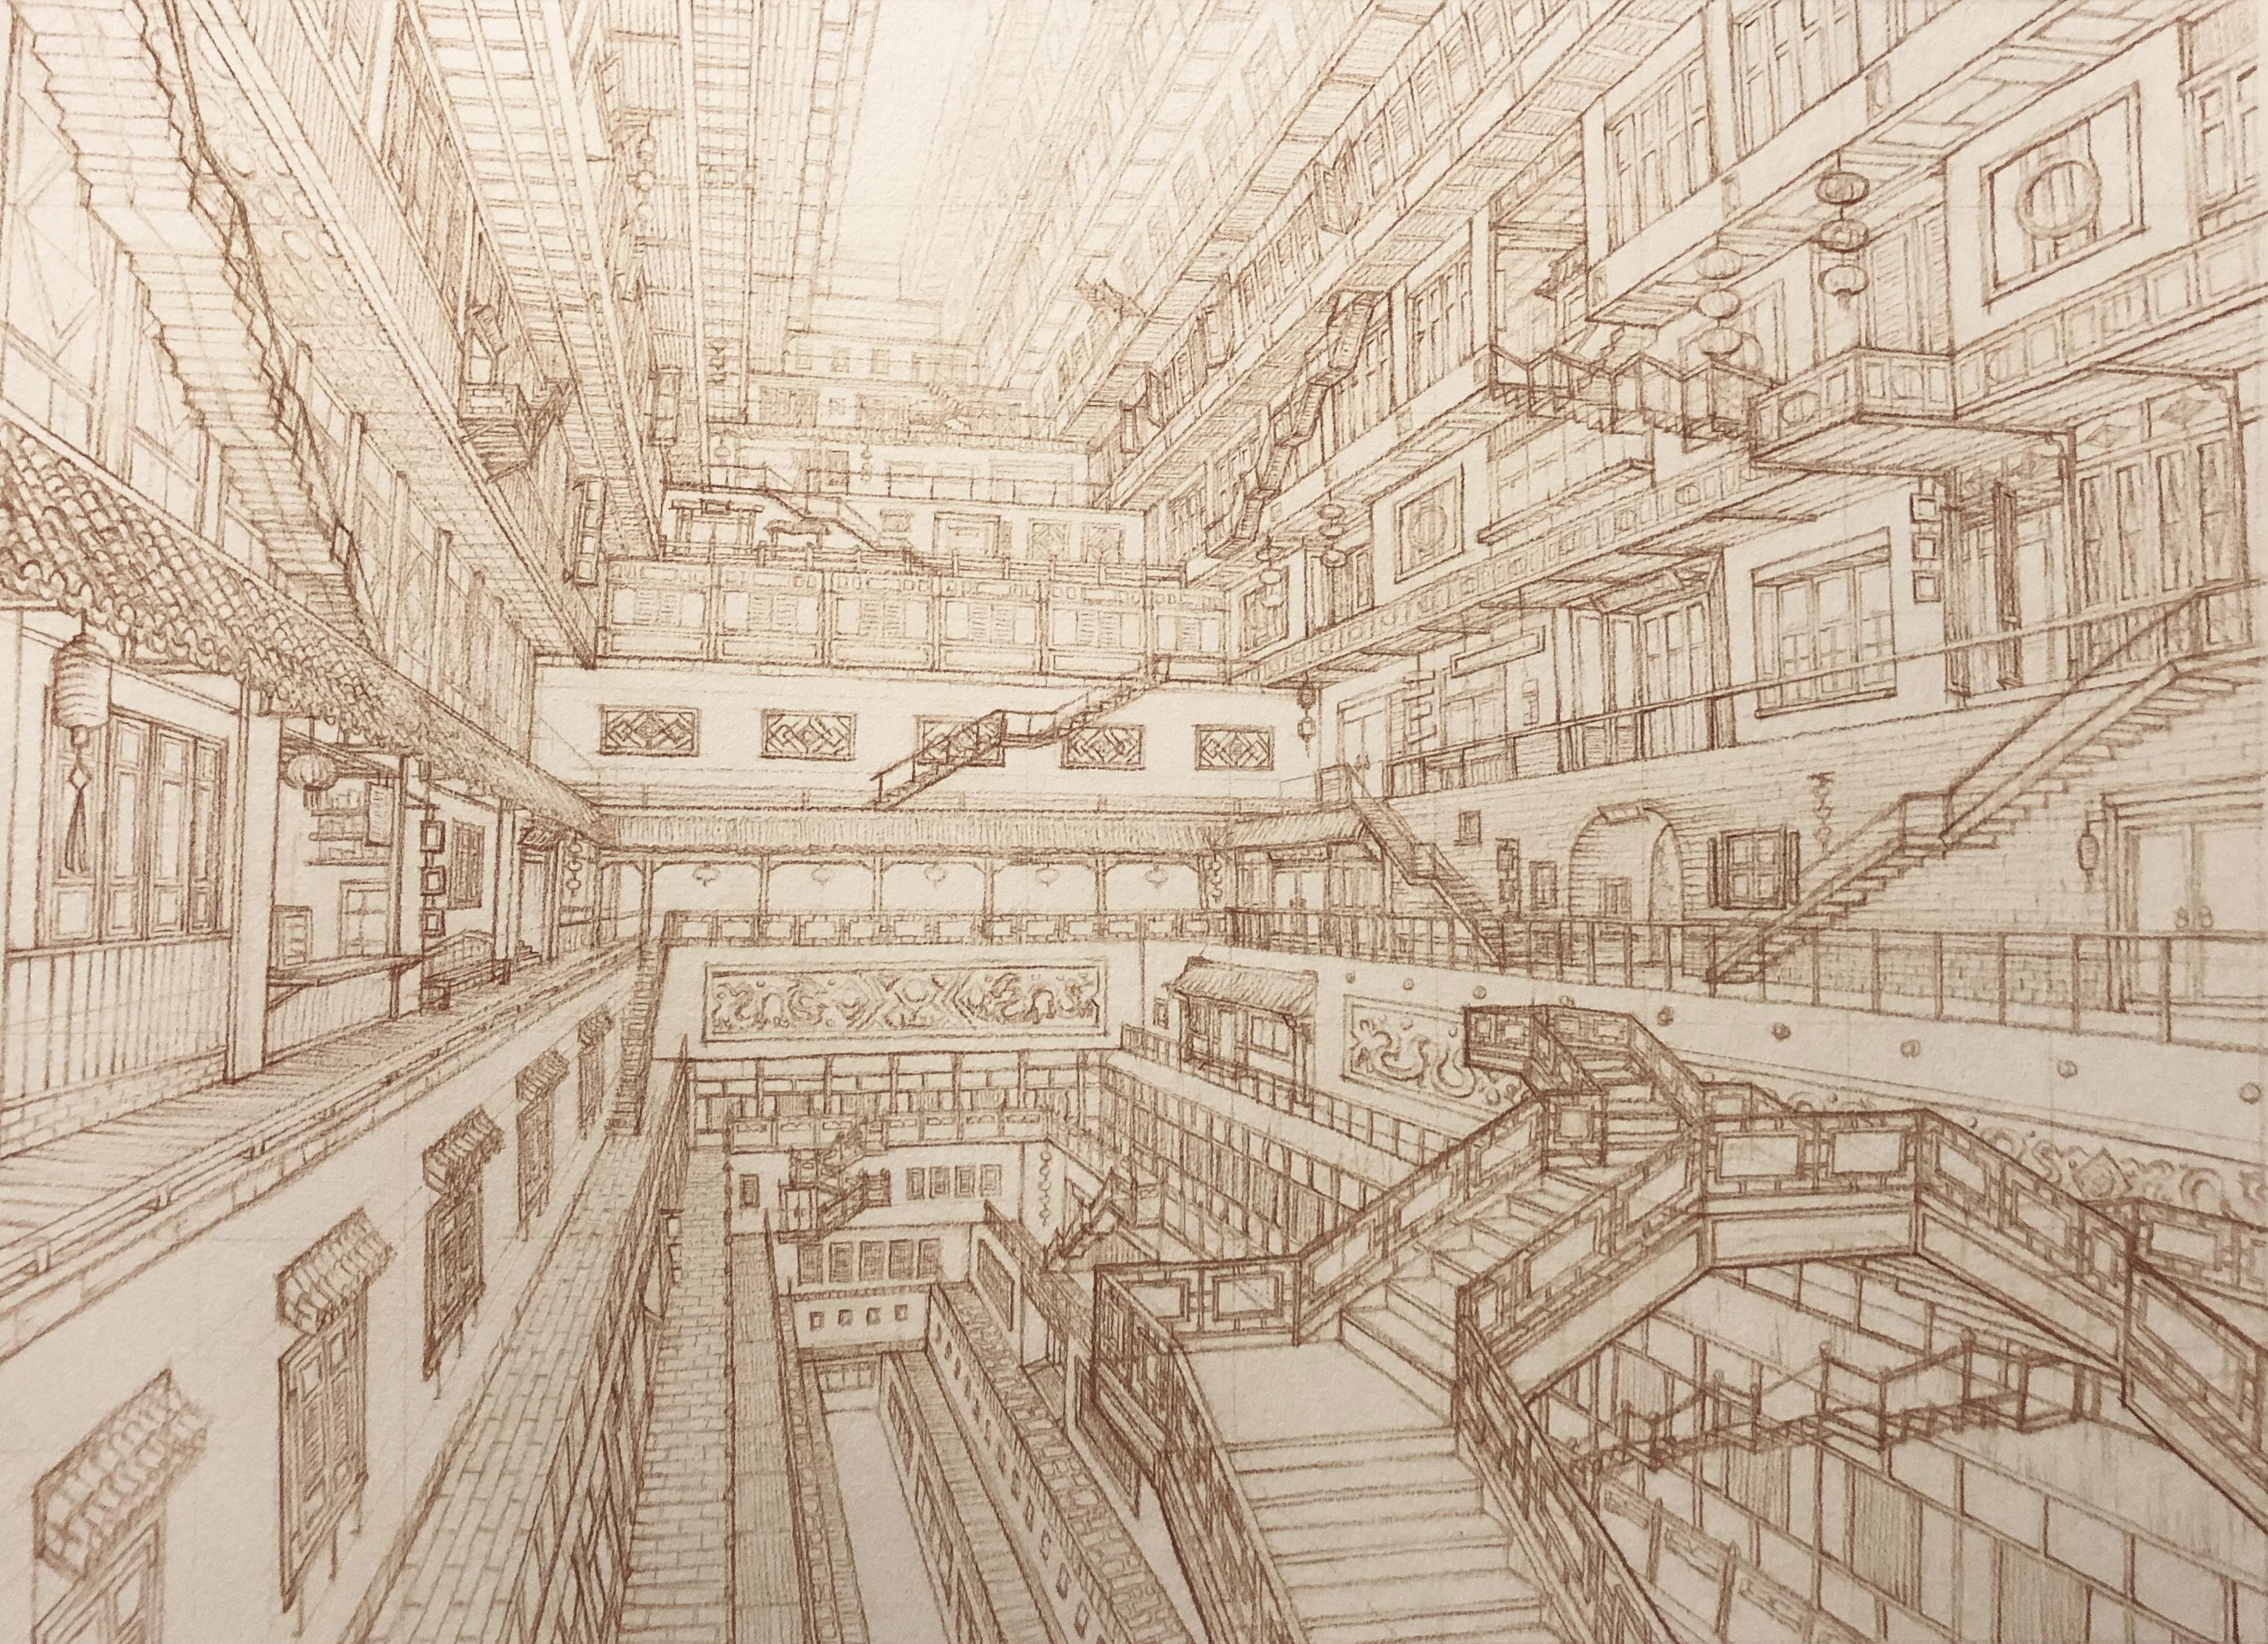 Infinite Chinatown